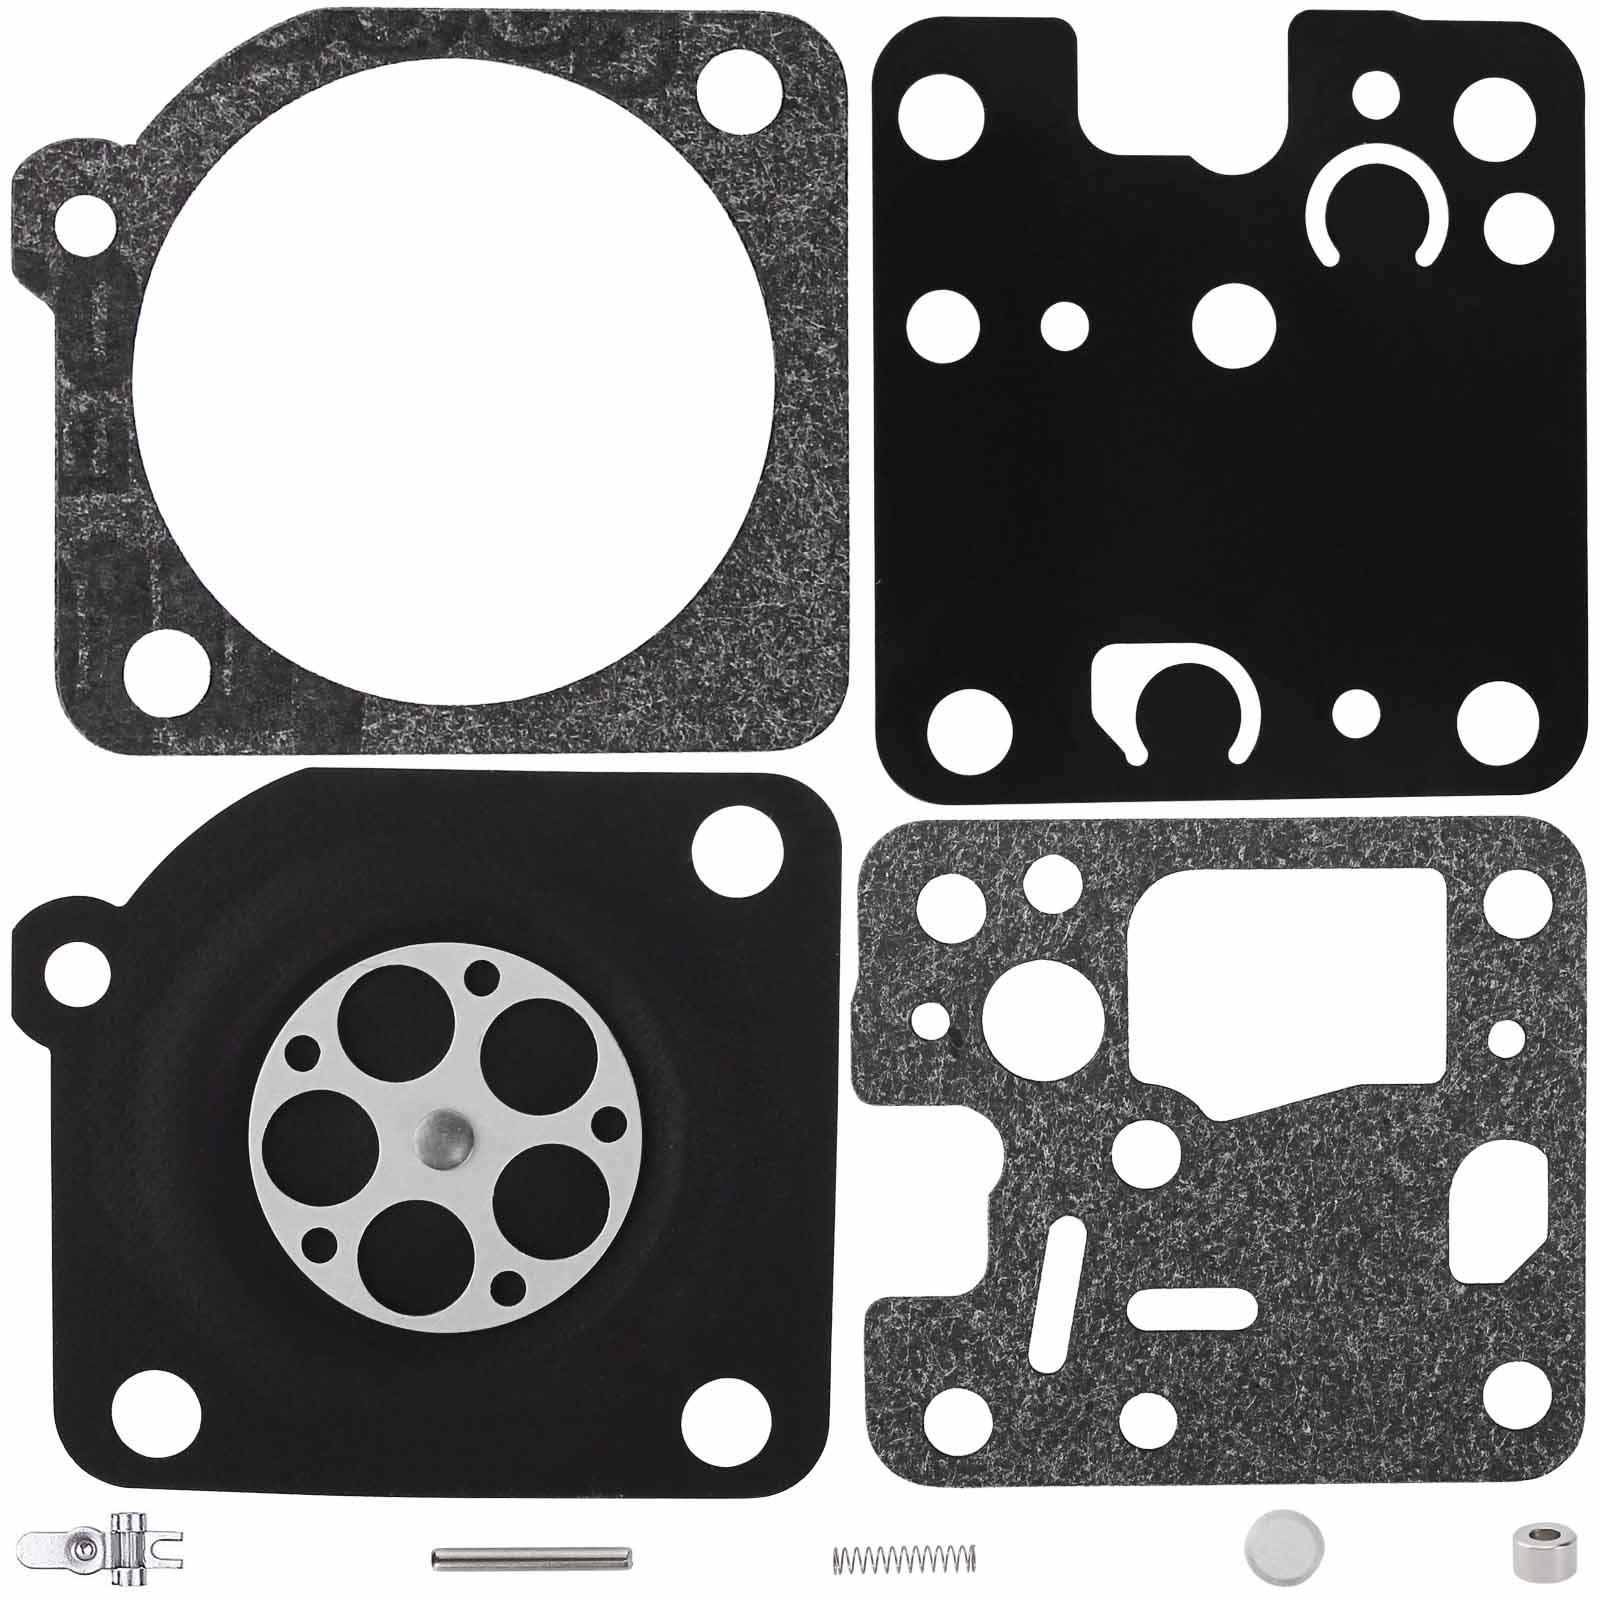 ProPart Carburetor Repair Rebuild Kit for Echo GT200 GT201 SRM200 SRM201 SRM230 SRM231 HC-160 HC-180 HC-200 ES-230 ES-231 Replaces Zama RB-107